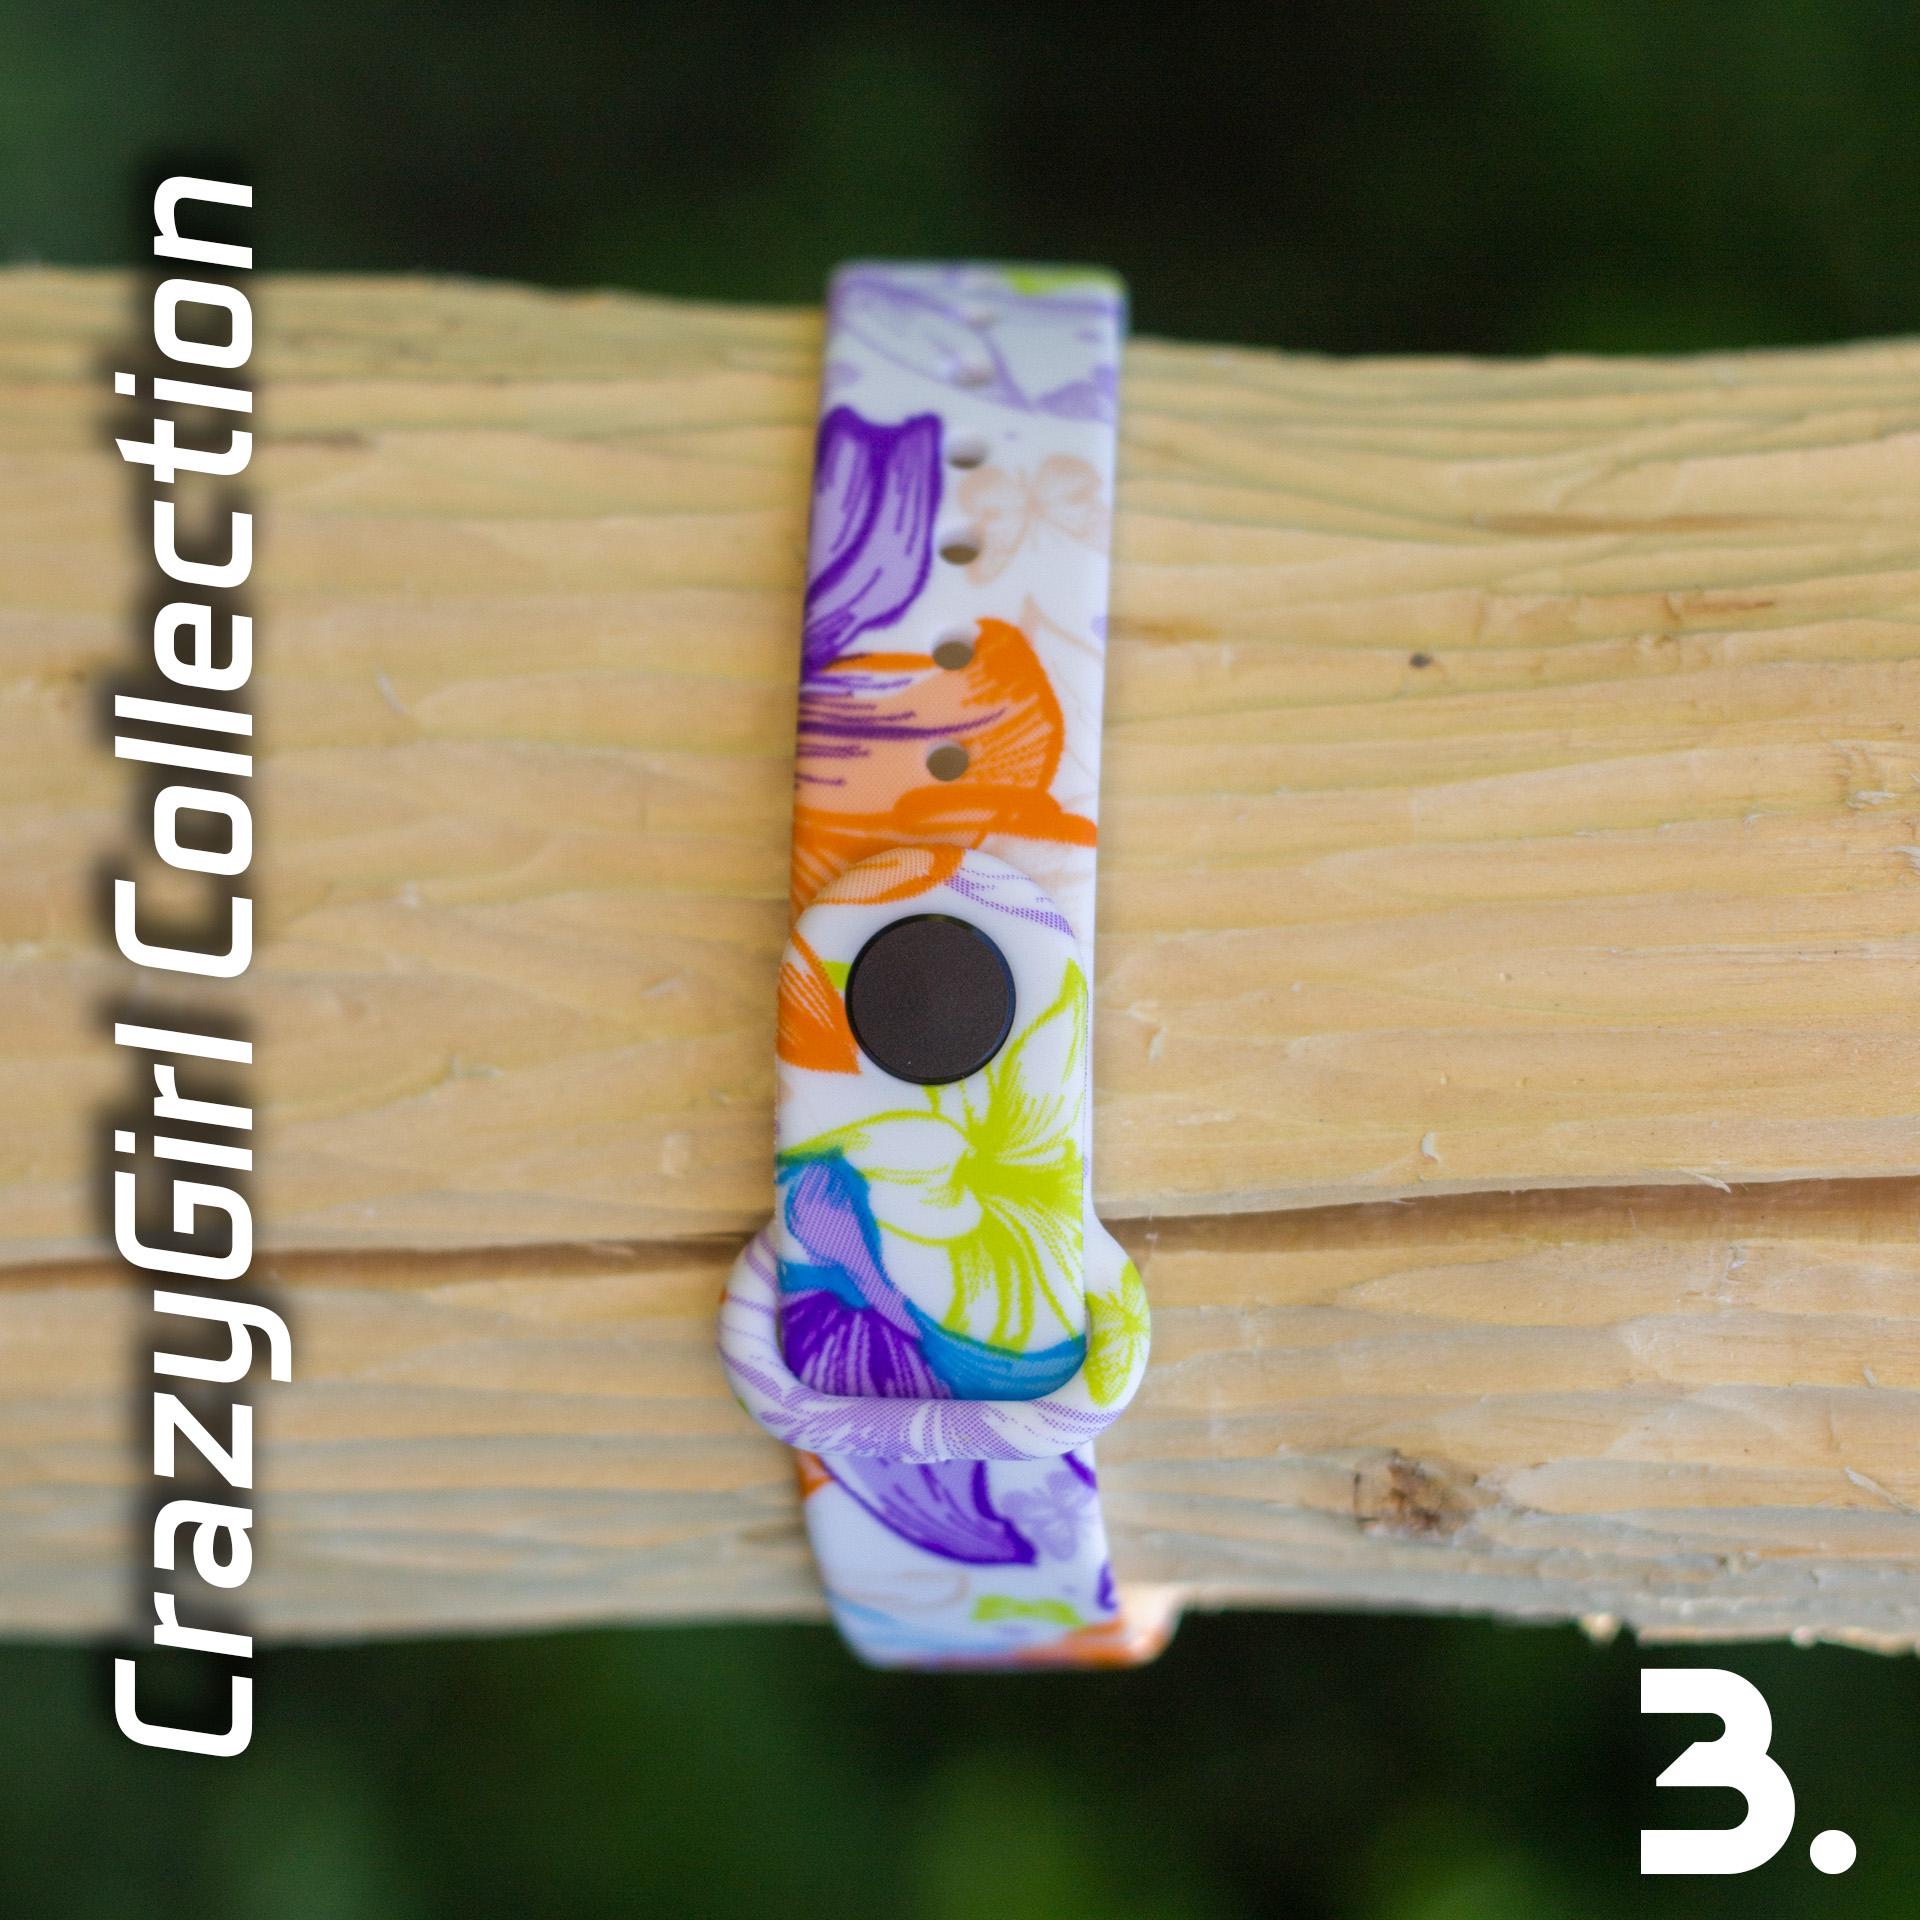 Mi Band 3 szilikon pánt - CrazyGirl 3